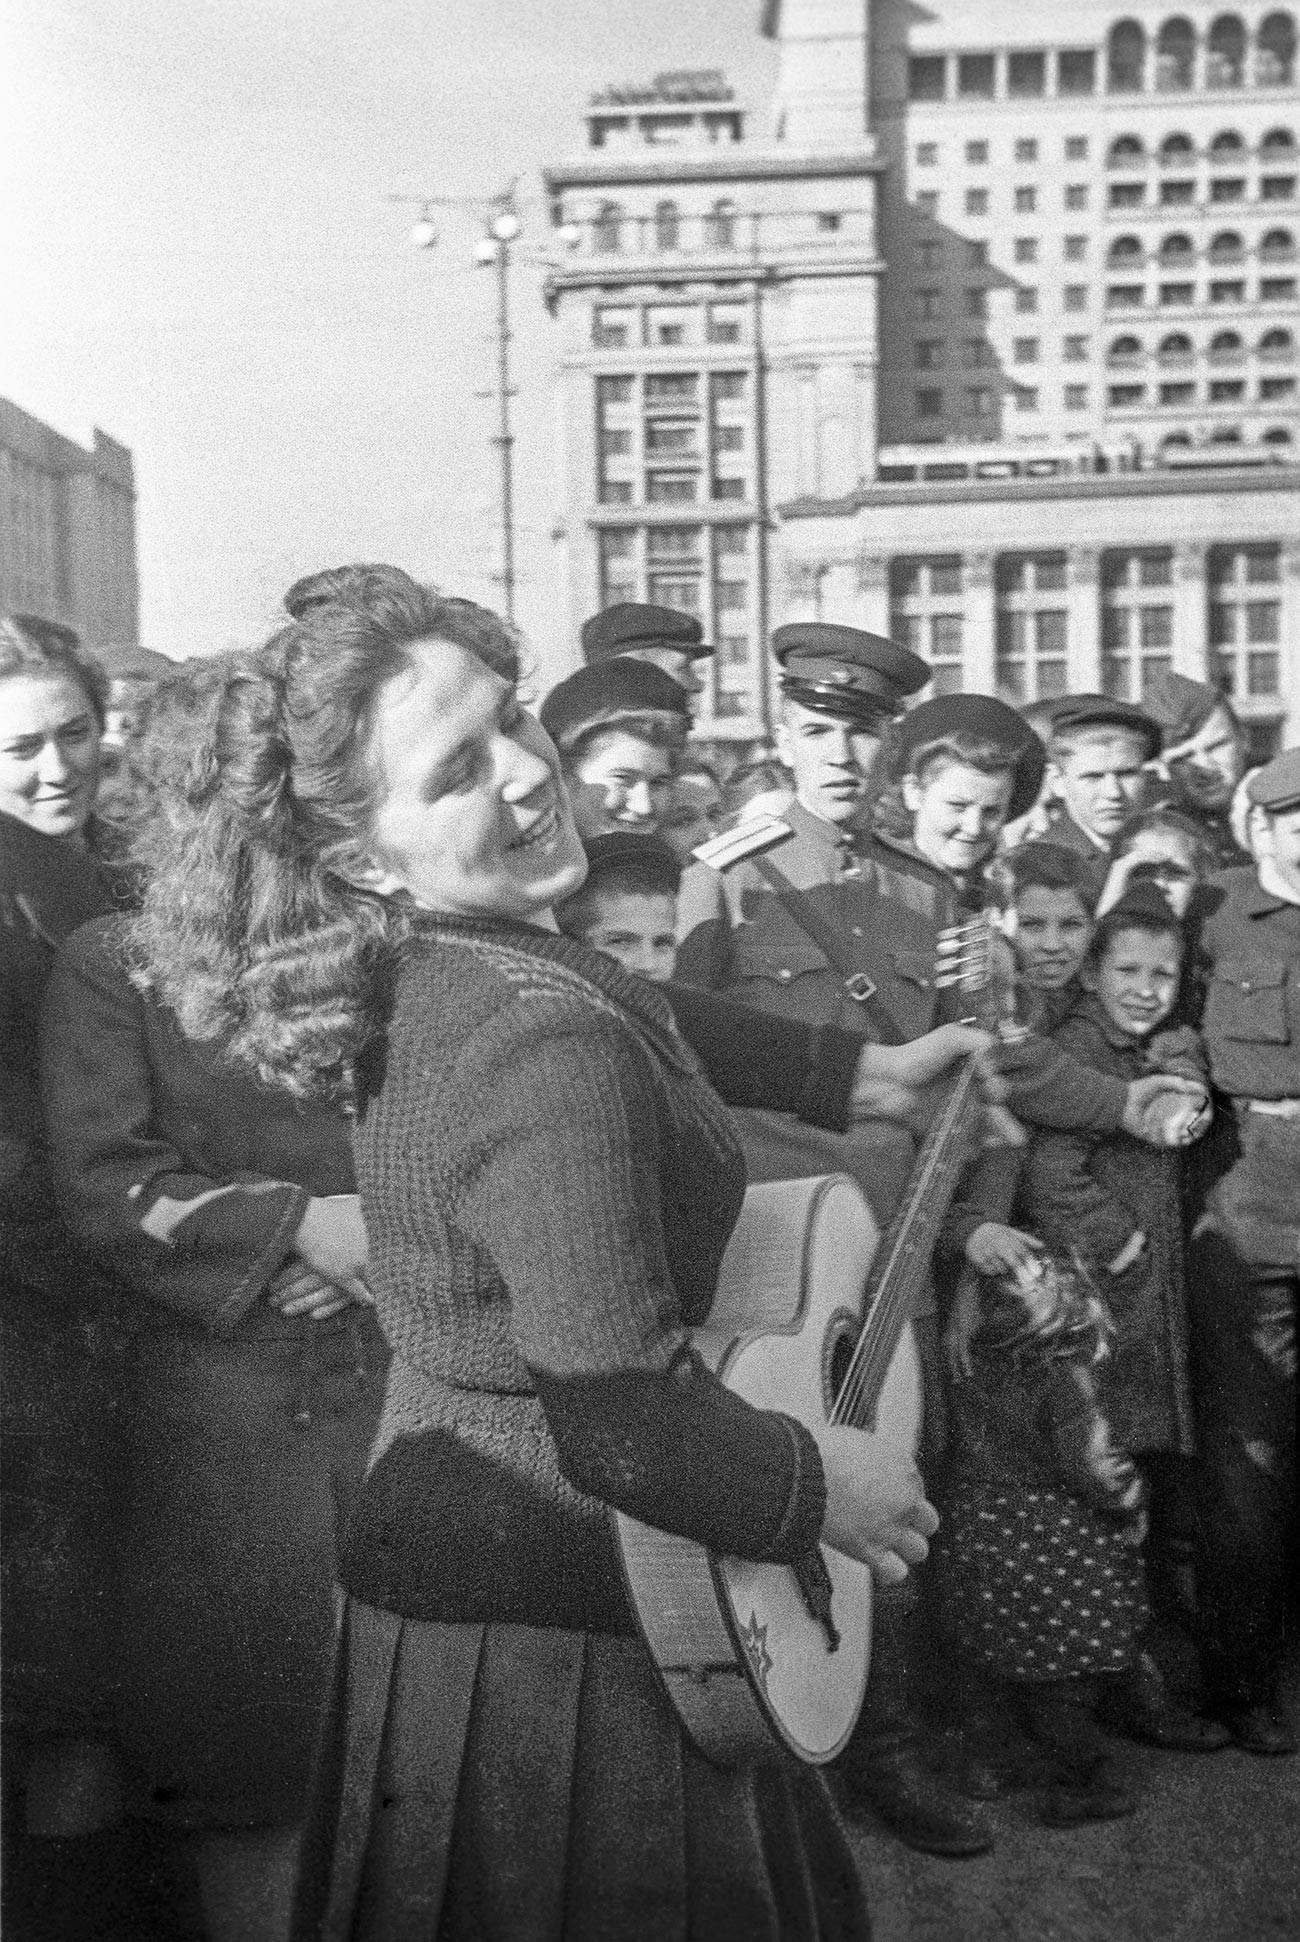 Moscou, 9 mai 1945. Résidents de la ville sur la place du Manège lors de la célébration de la victoire de l'Union soviétique sur l'Allemagne dans la Grande guerre patriotique